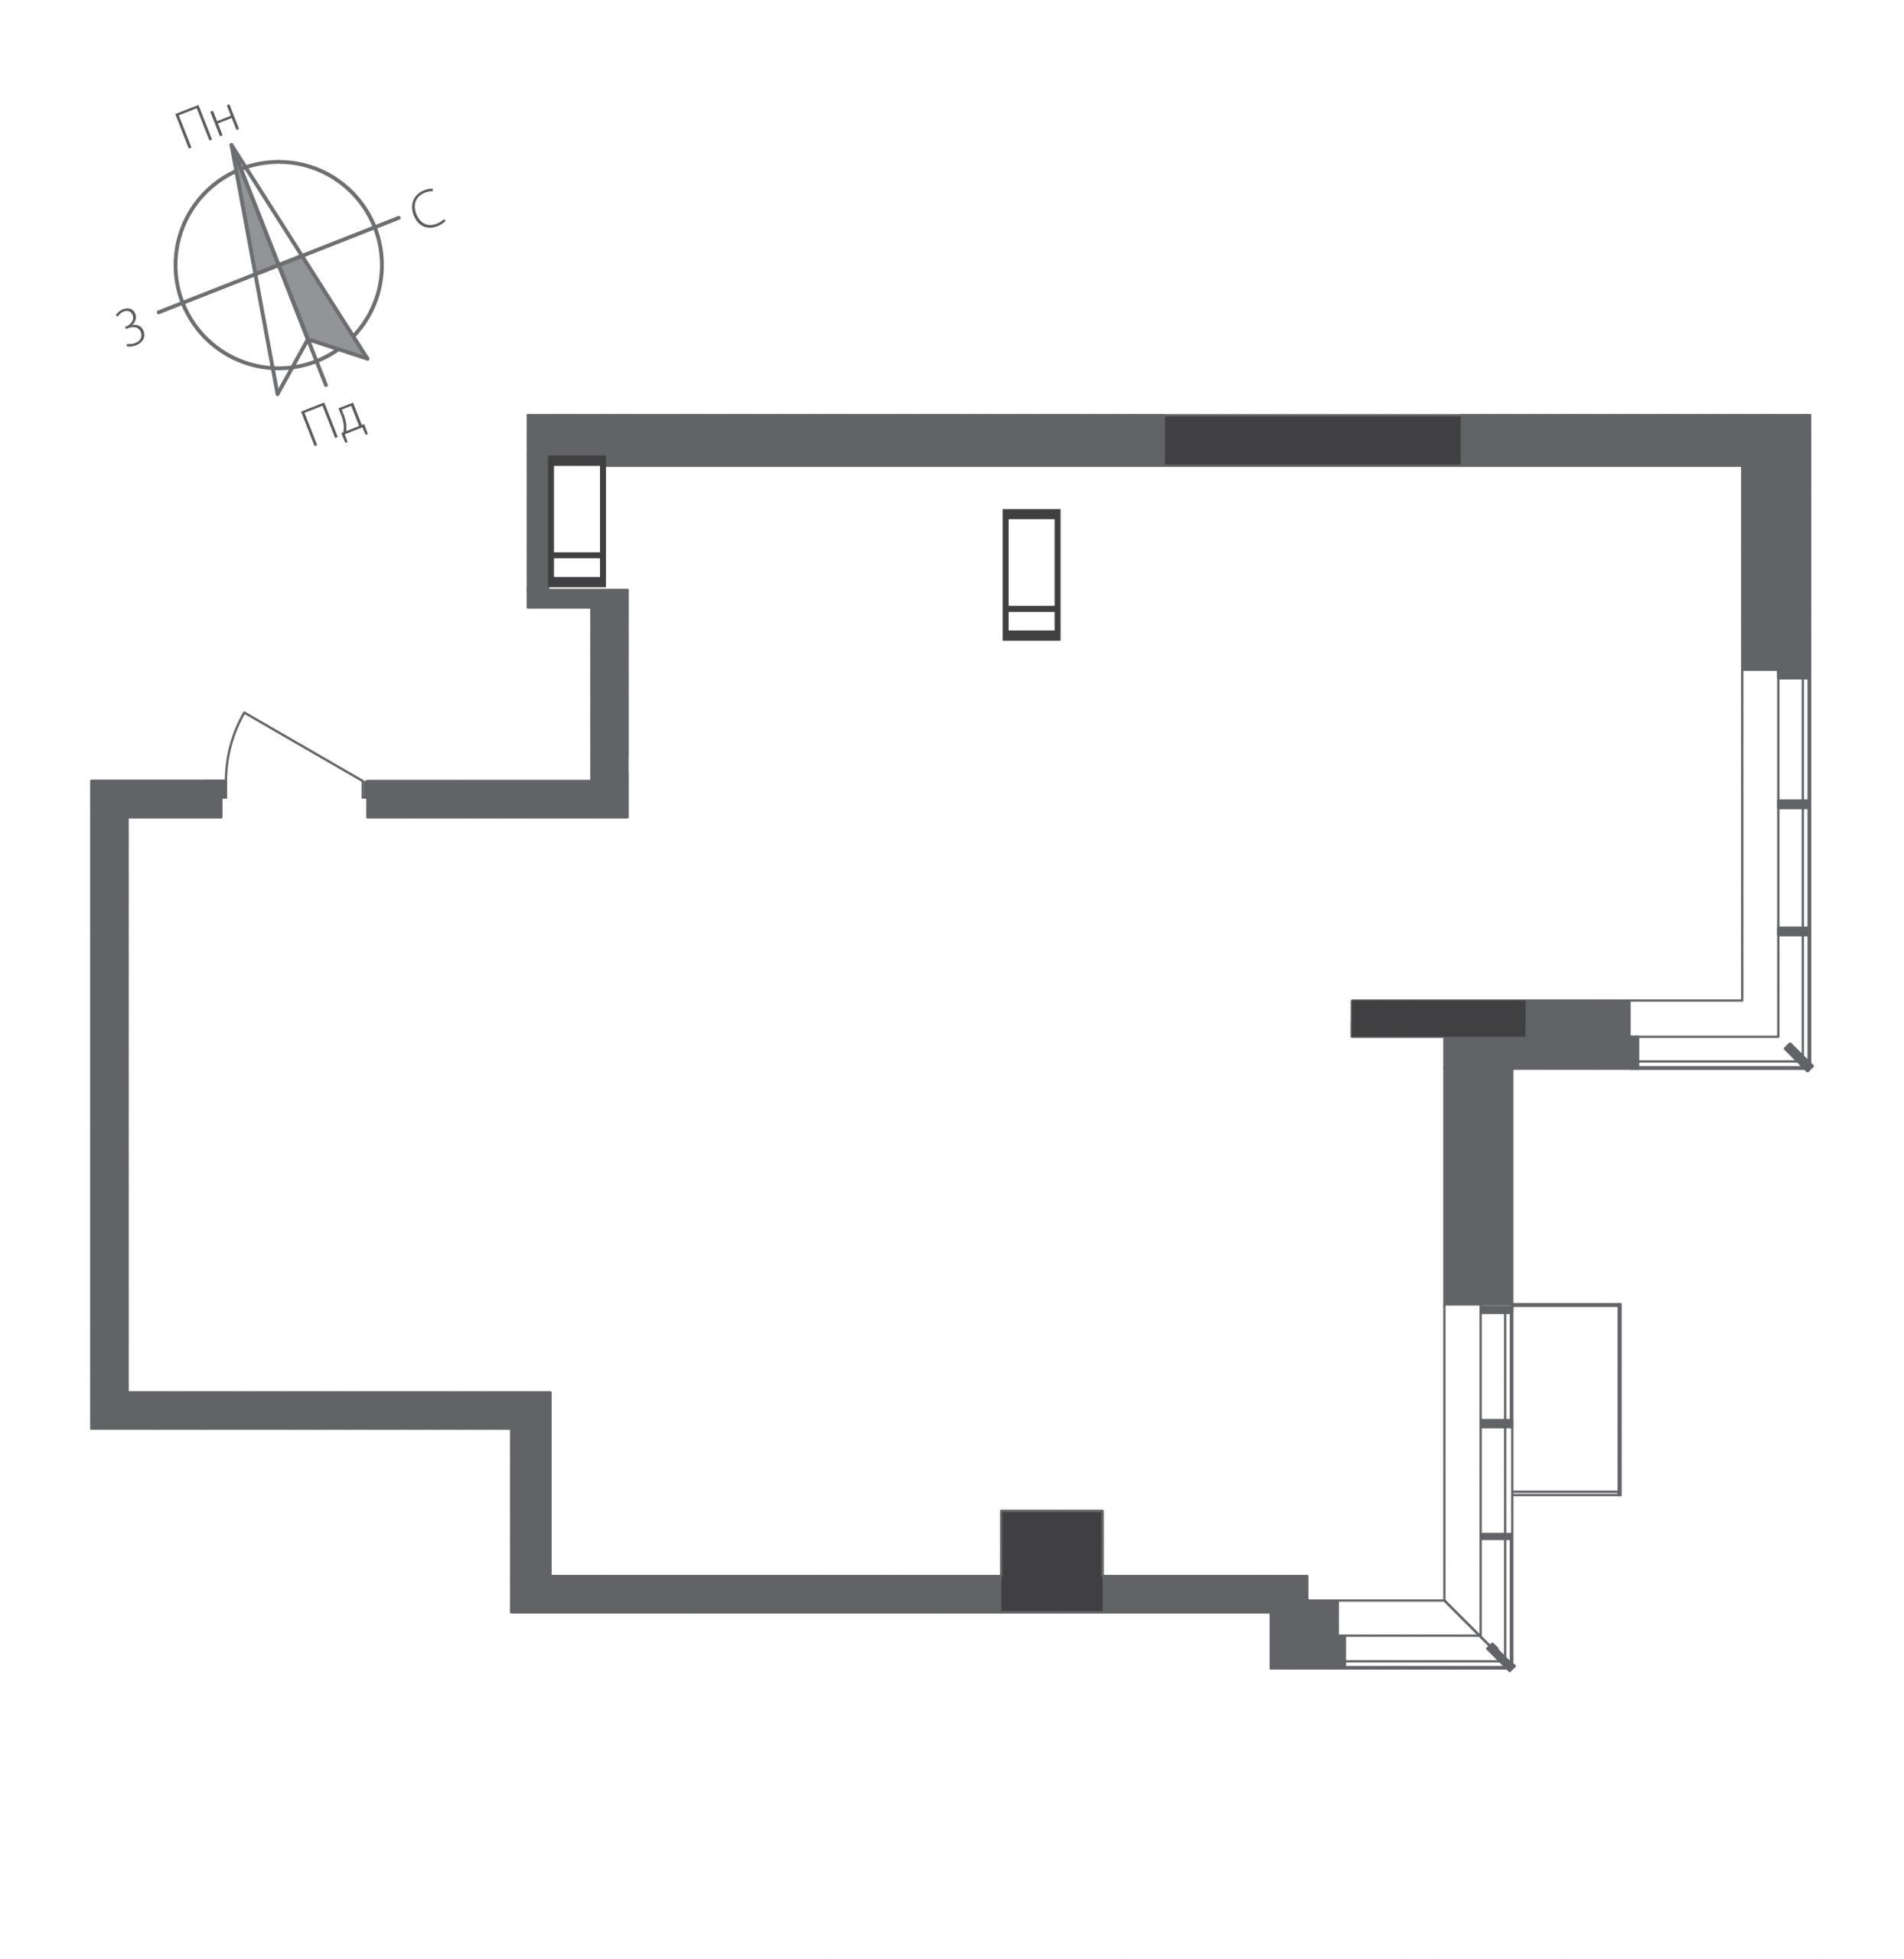 Номер квартиры №1401, Дом 9, Этаж 14, Полная площадь 62,67